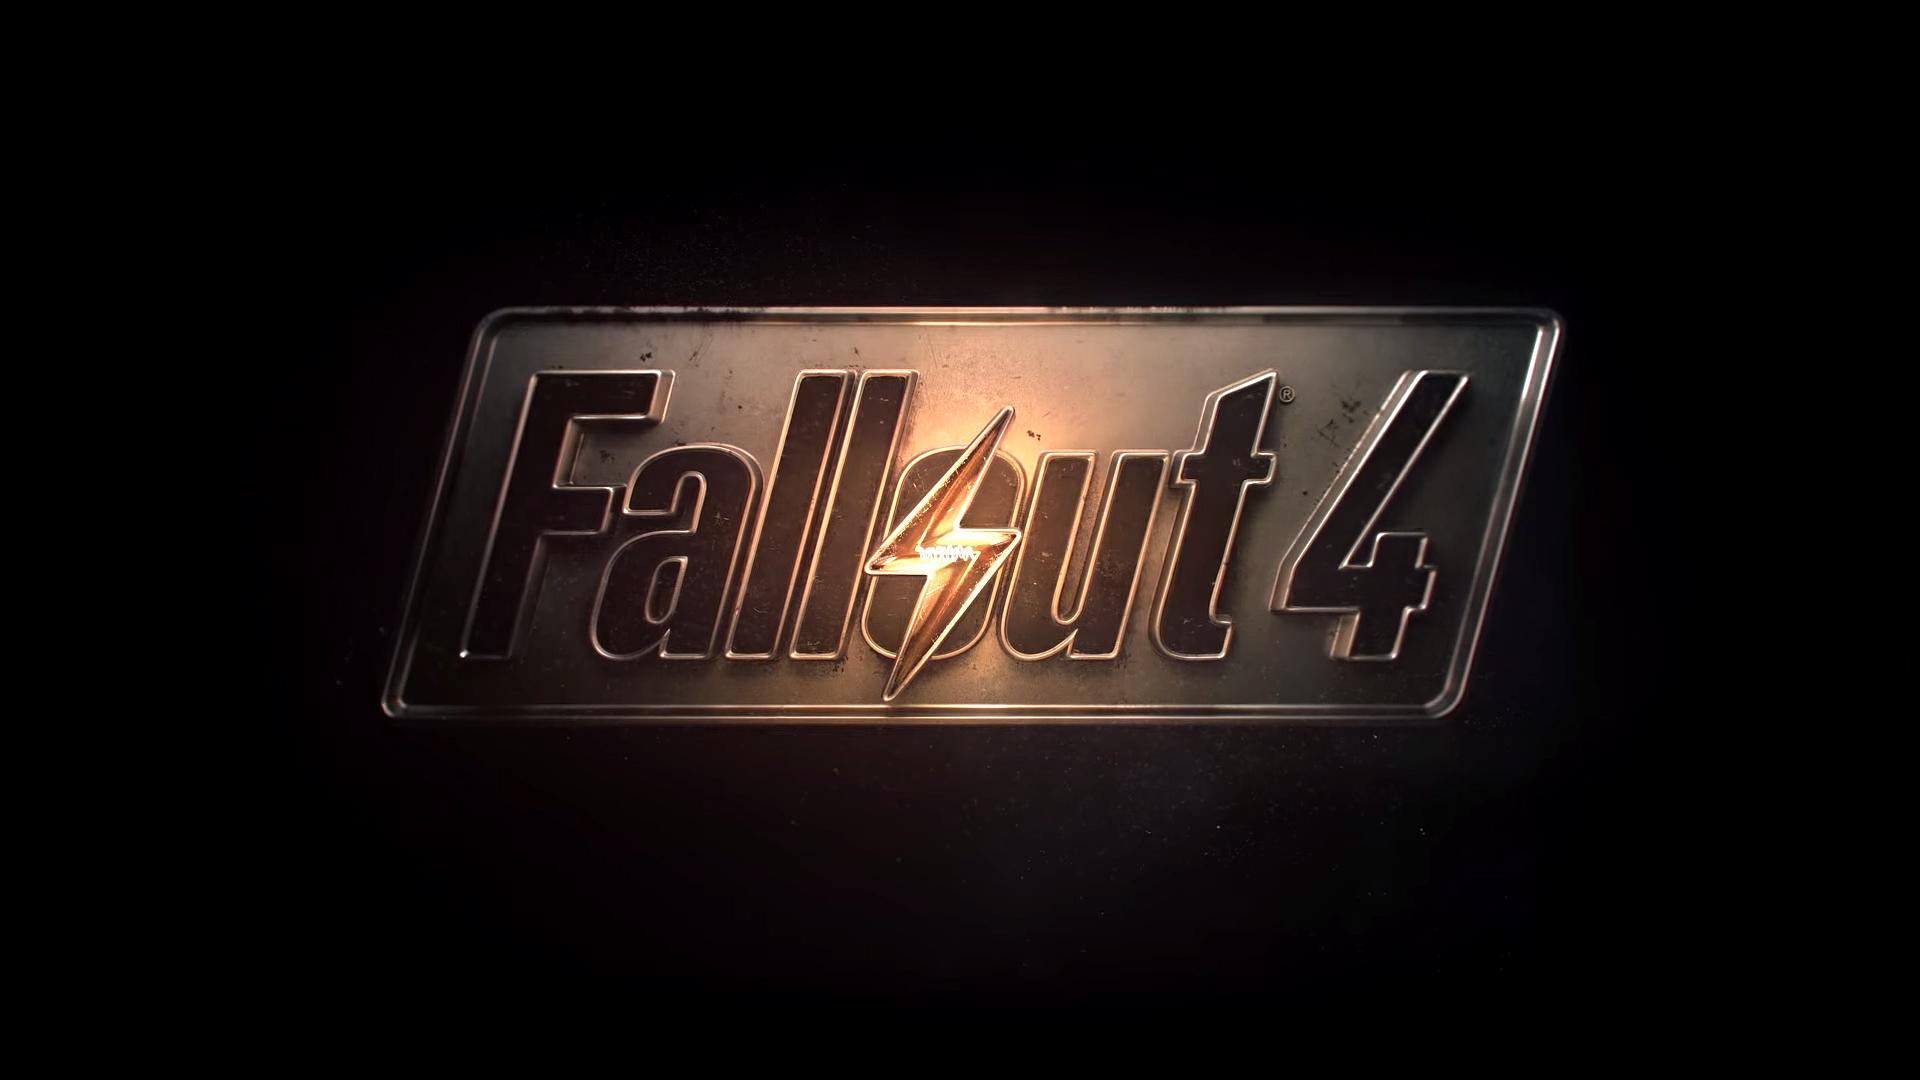 Fallout 4 Wallpaper Logo HD Black BAckground 1920x1080